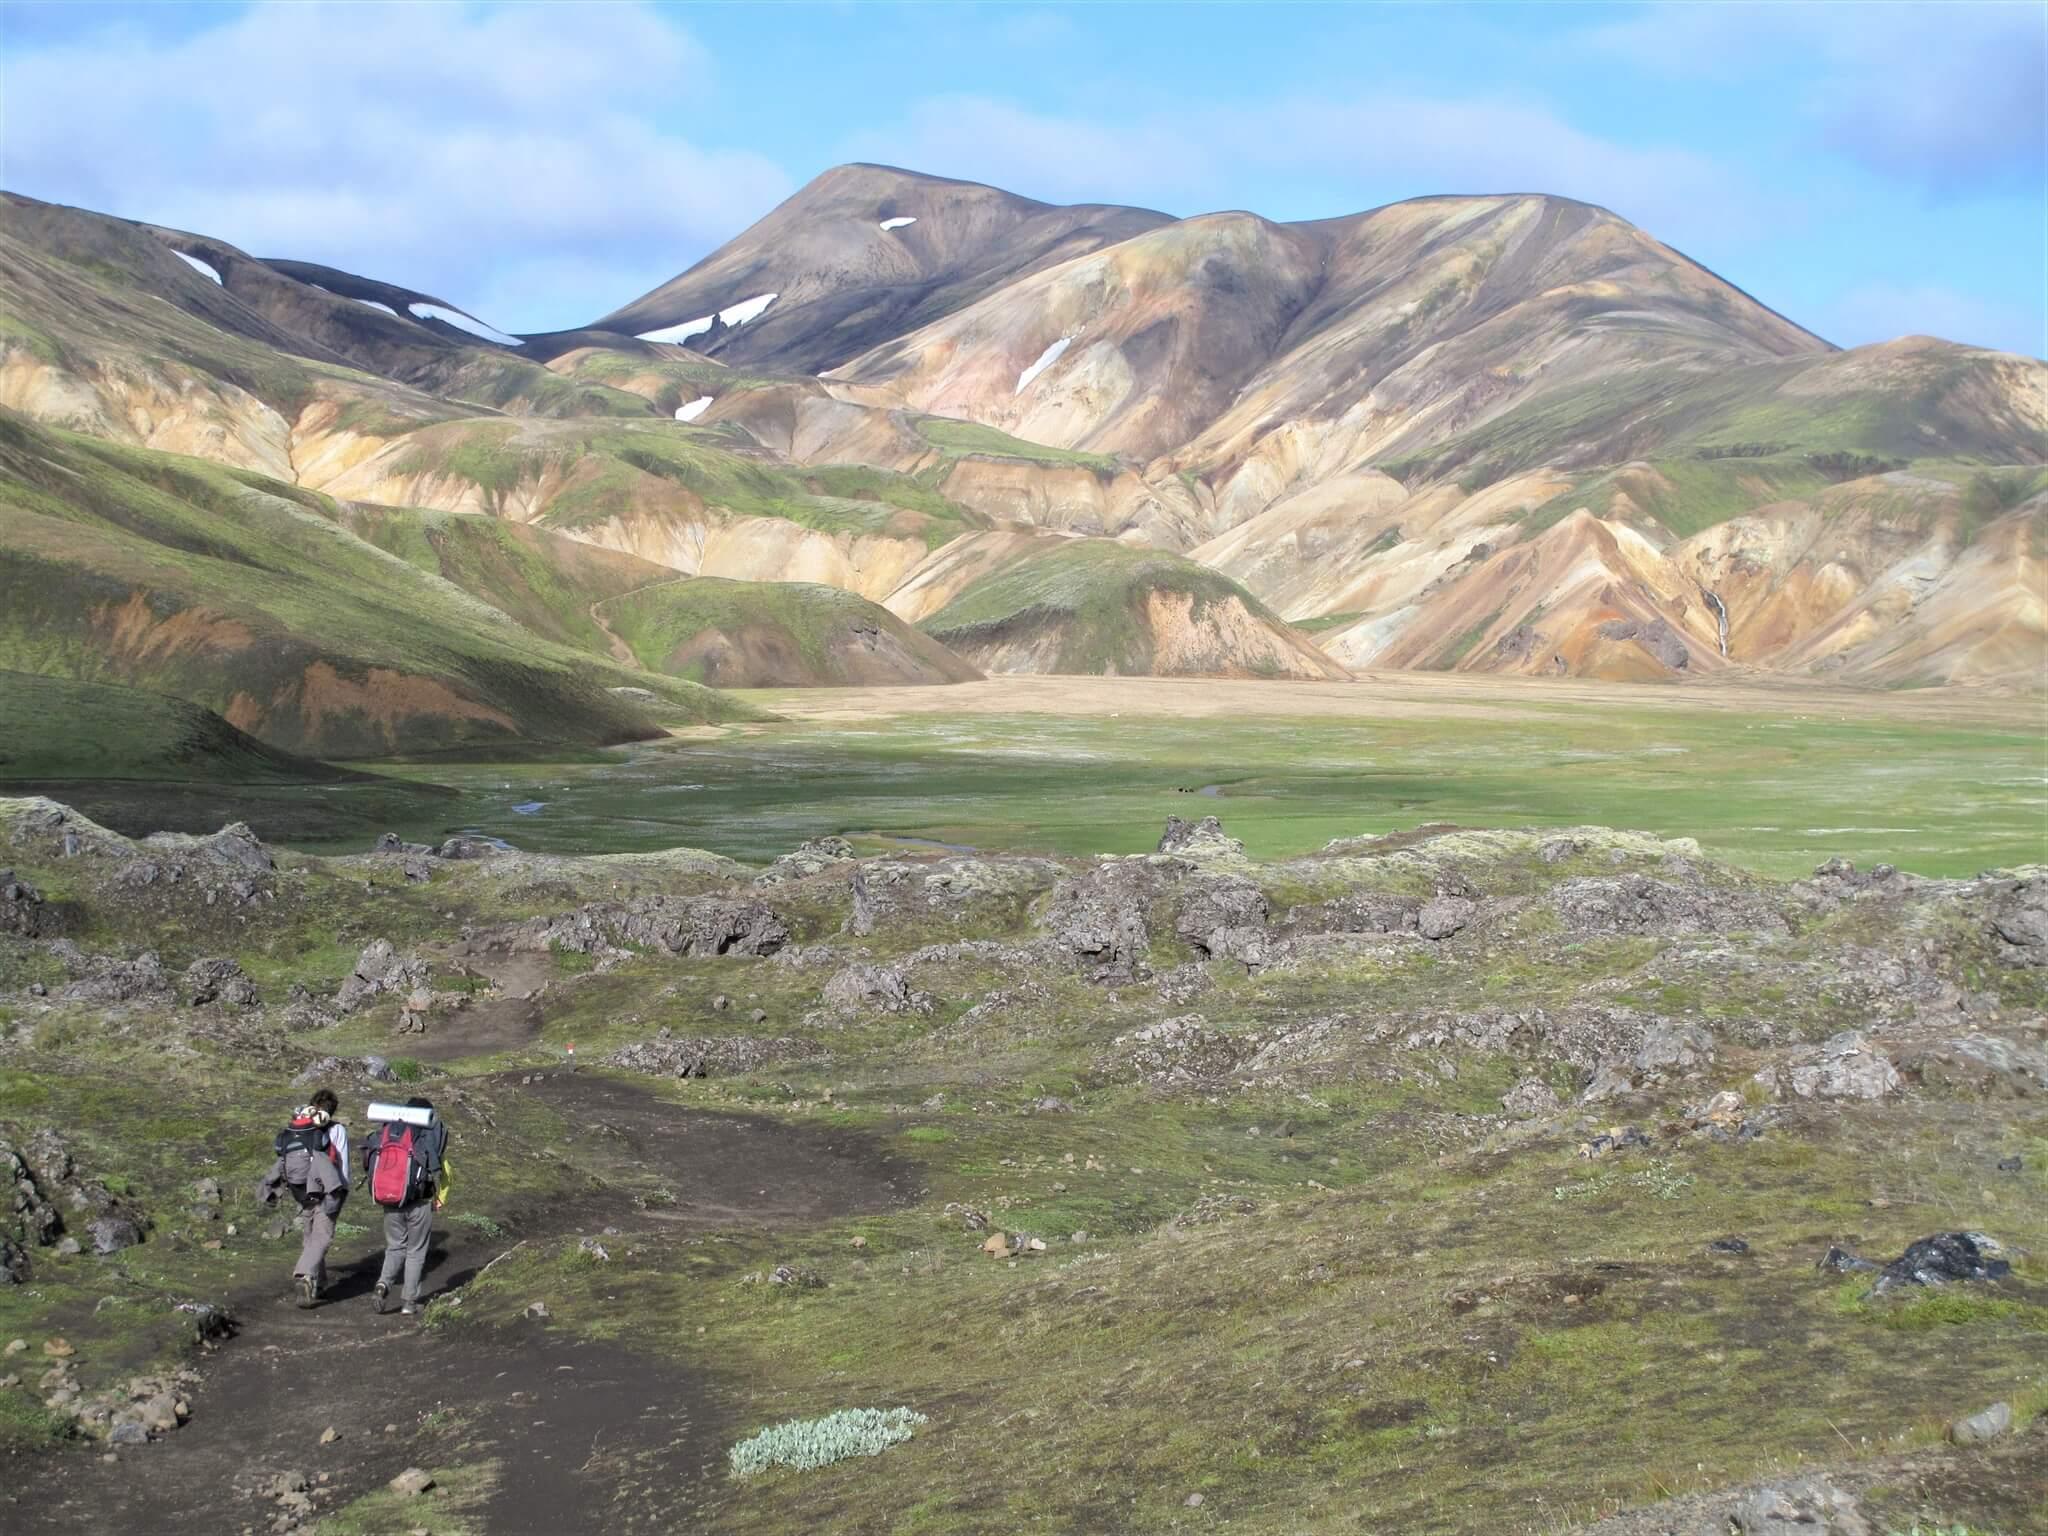 アイスランドの「ロイガヴェーグルトレイル」の風景